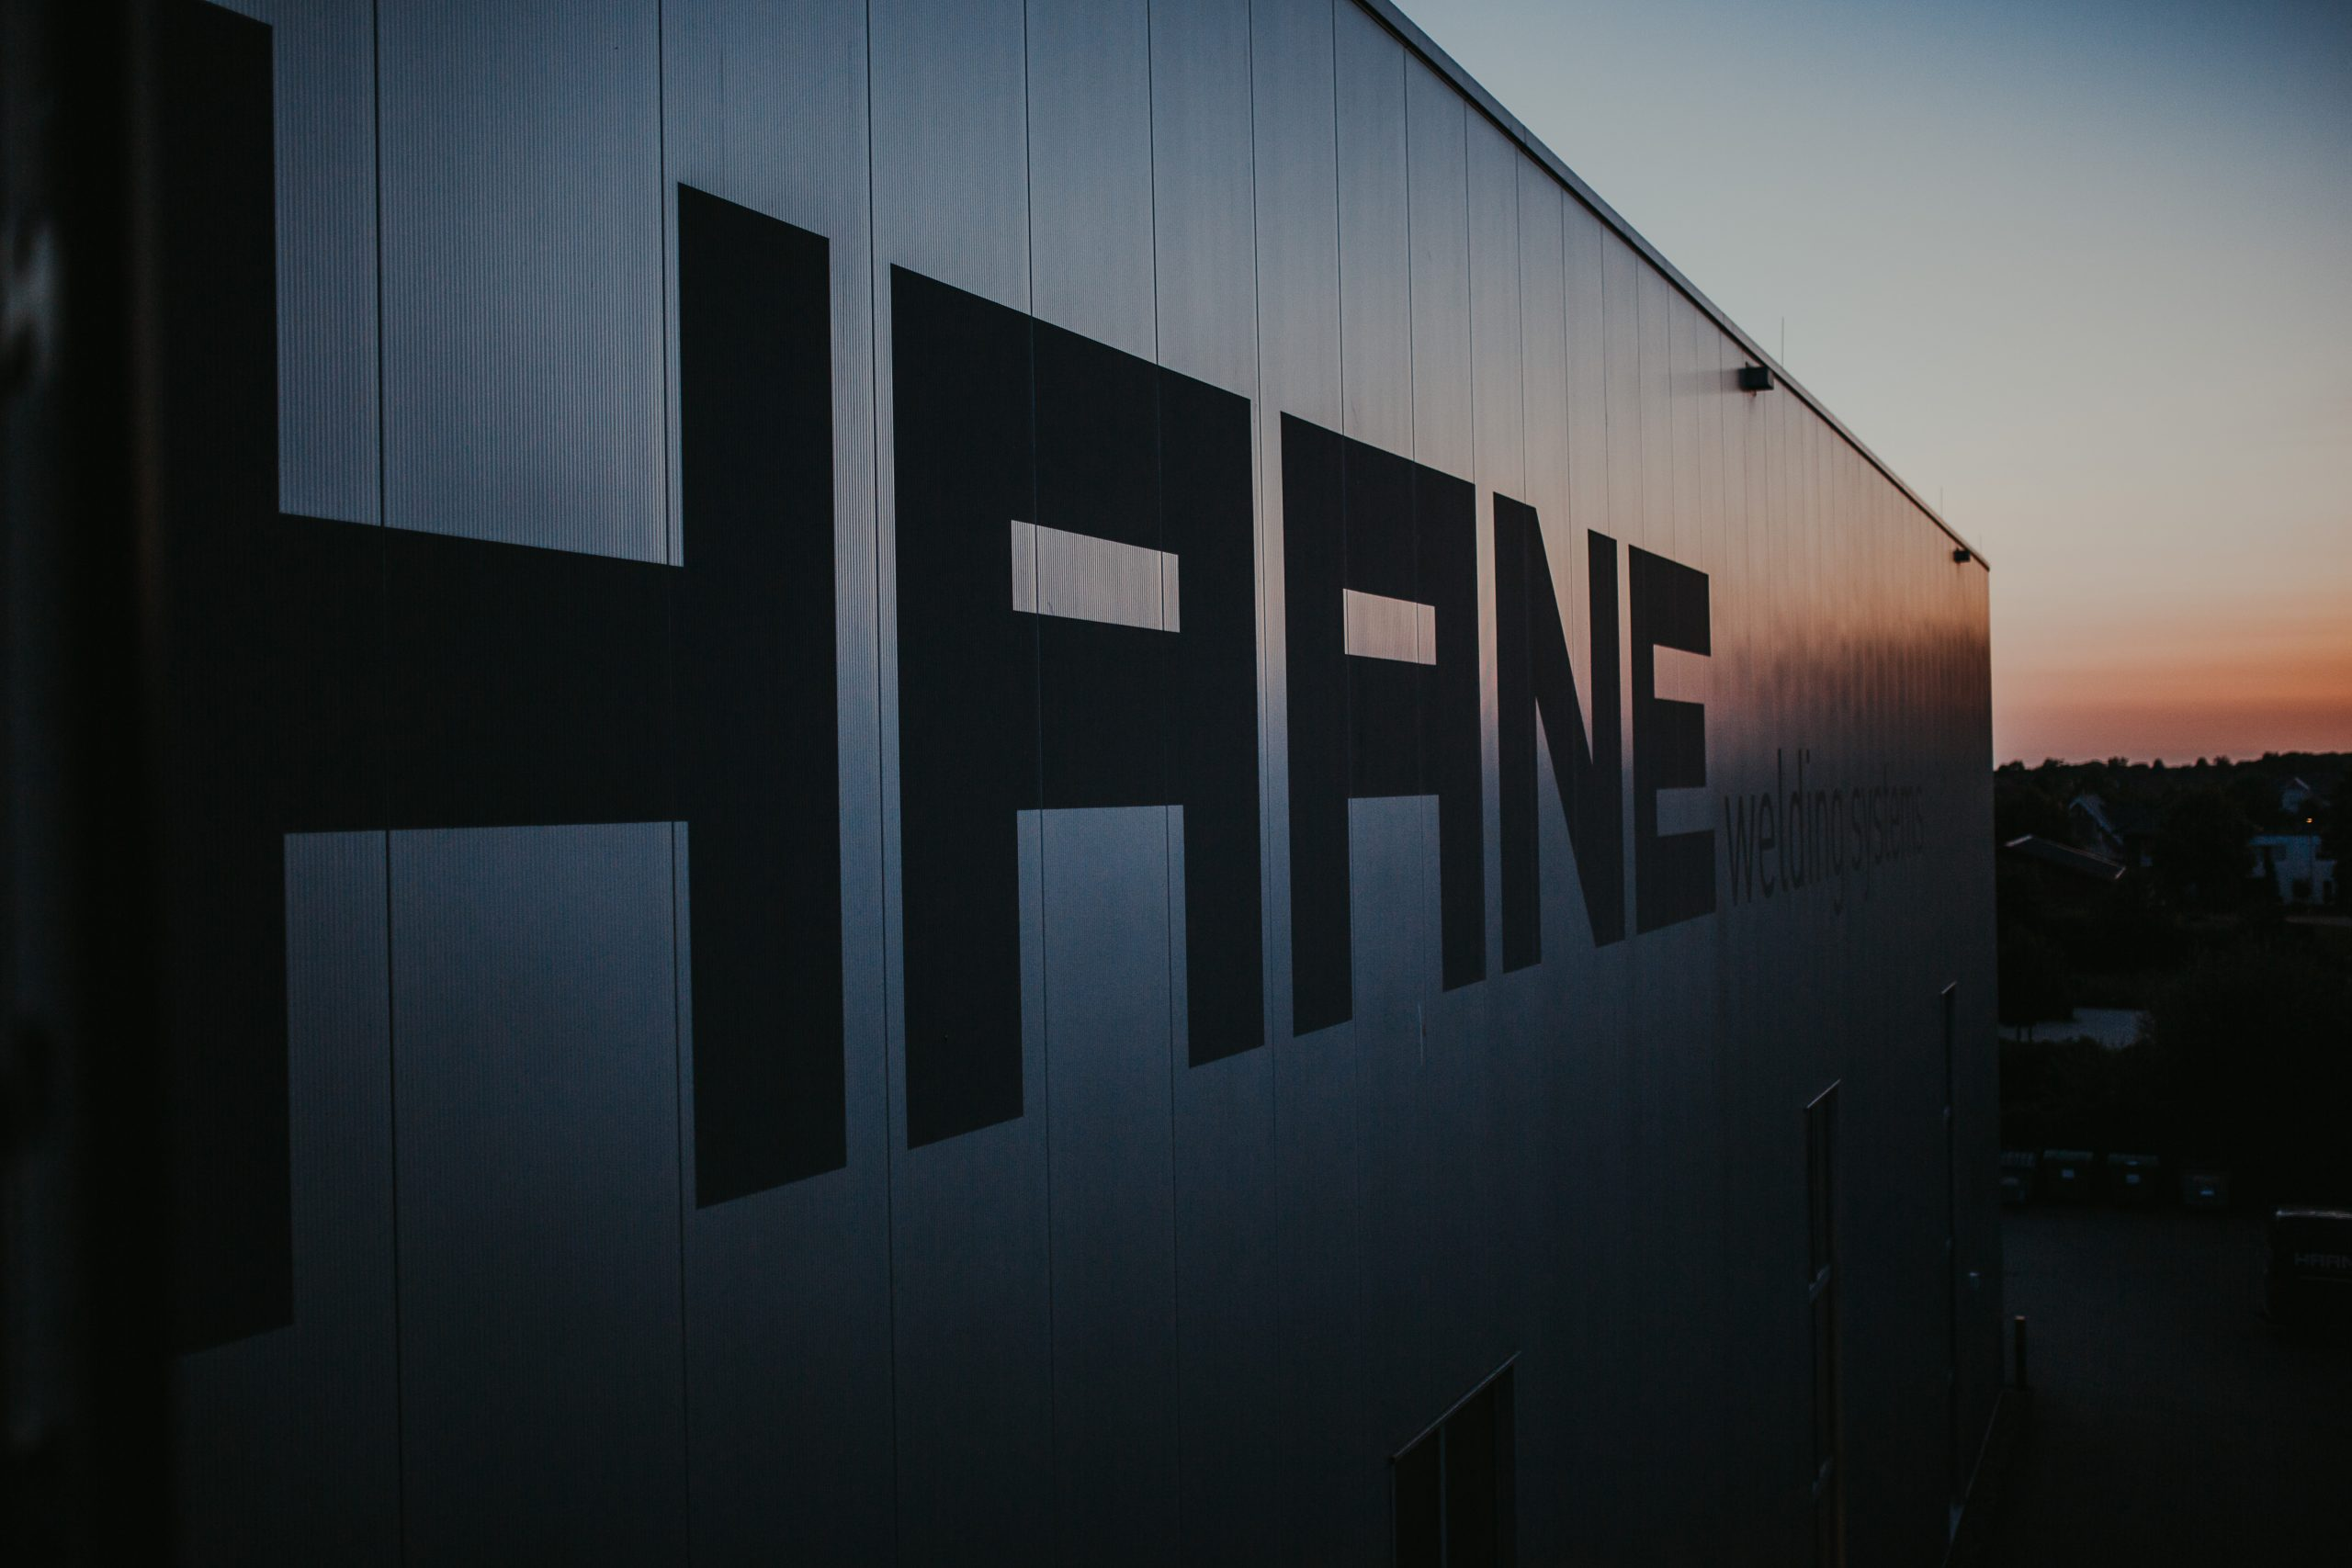 Haane Welding Systems Компания Borken